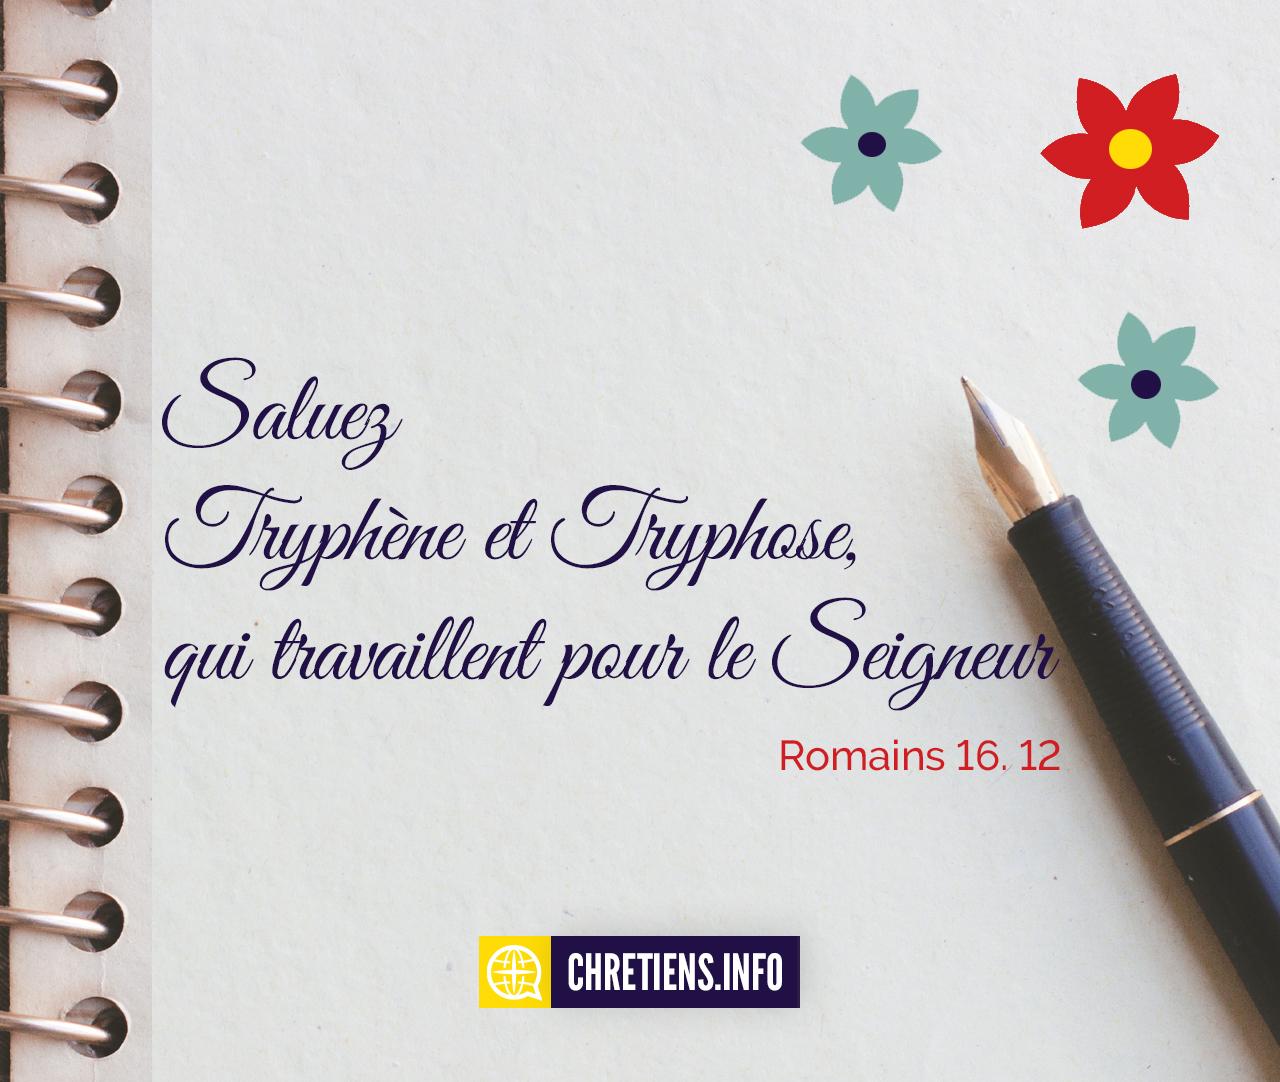 Saluez Tryphène et Tryphose, qui travaillent pour le Seigneur. Romains 16:12